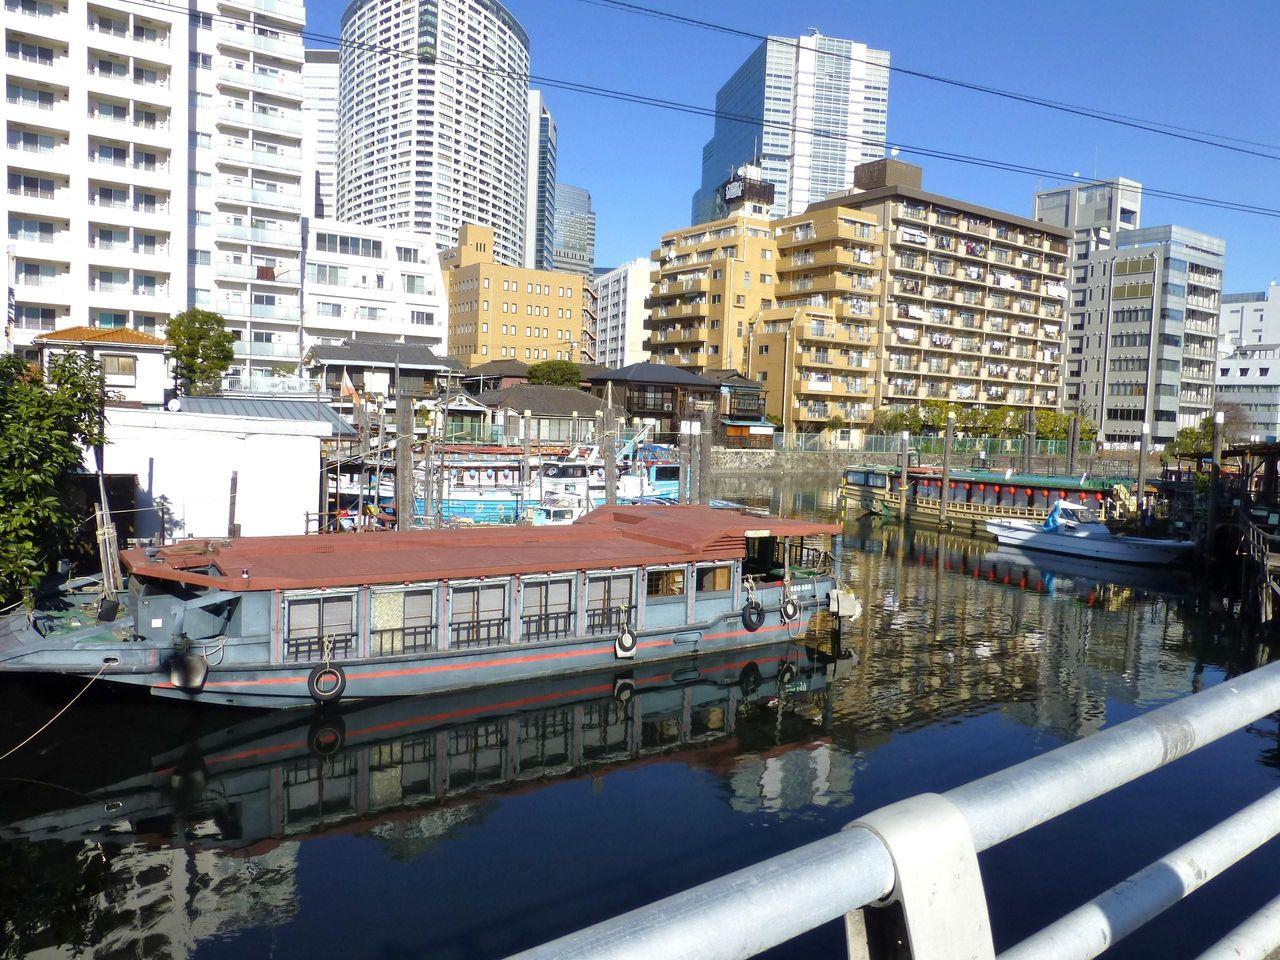 屋形船と高層マンションというアンバランスな光景!